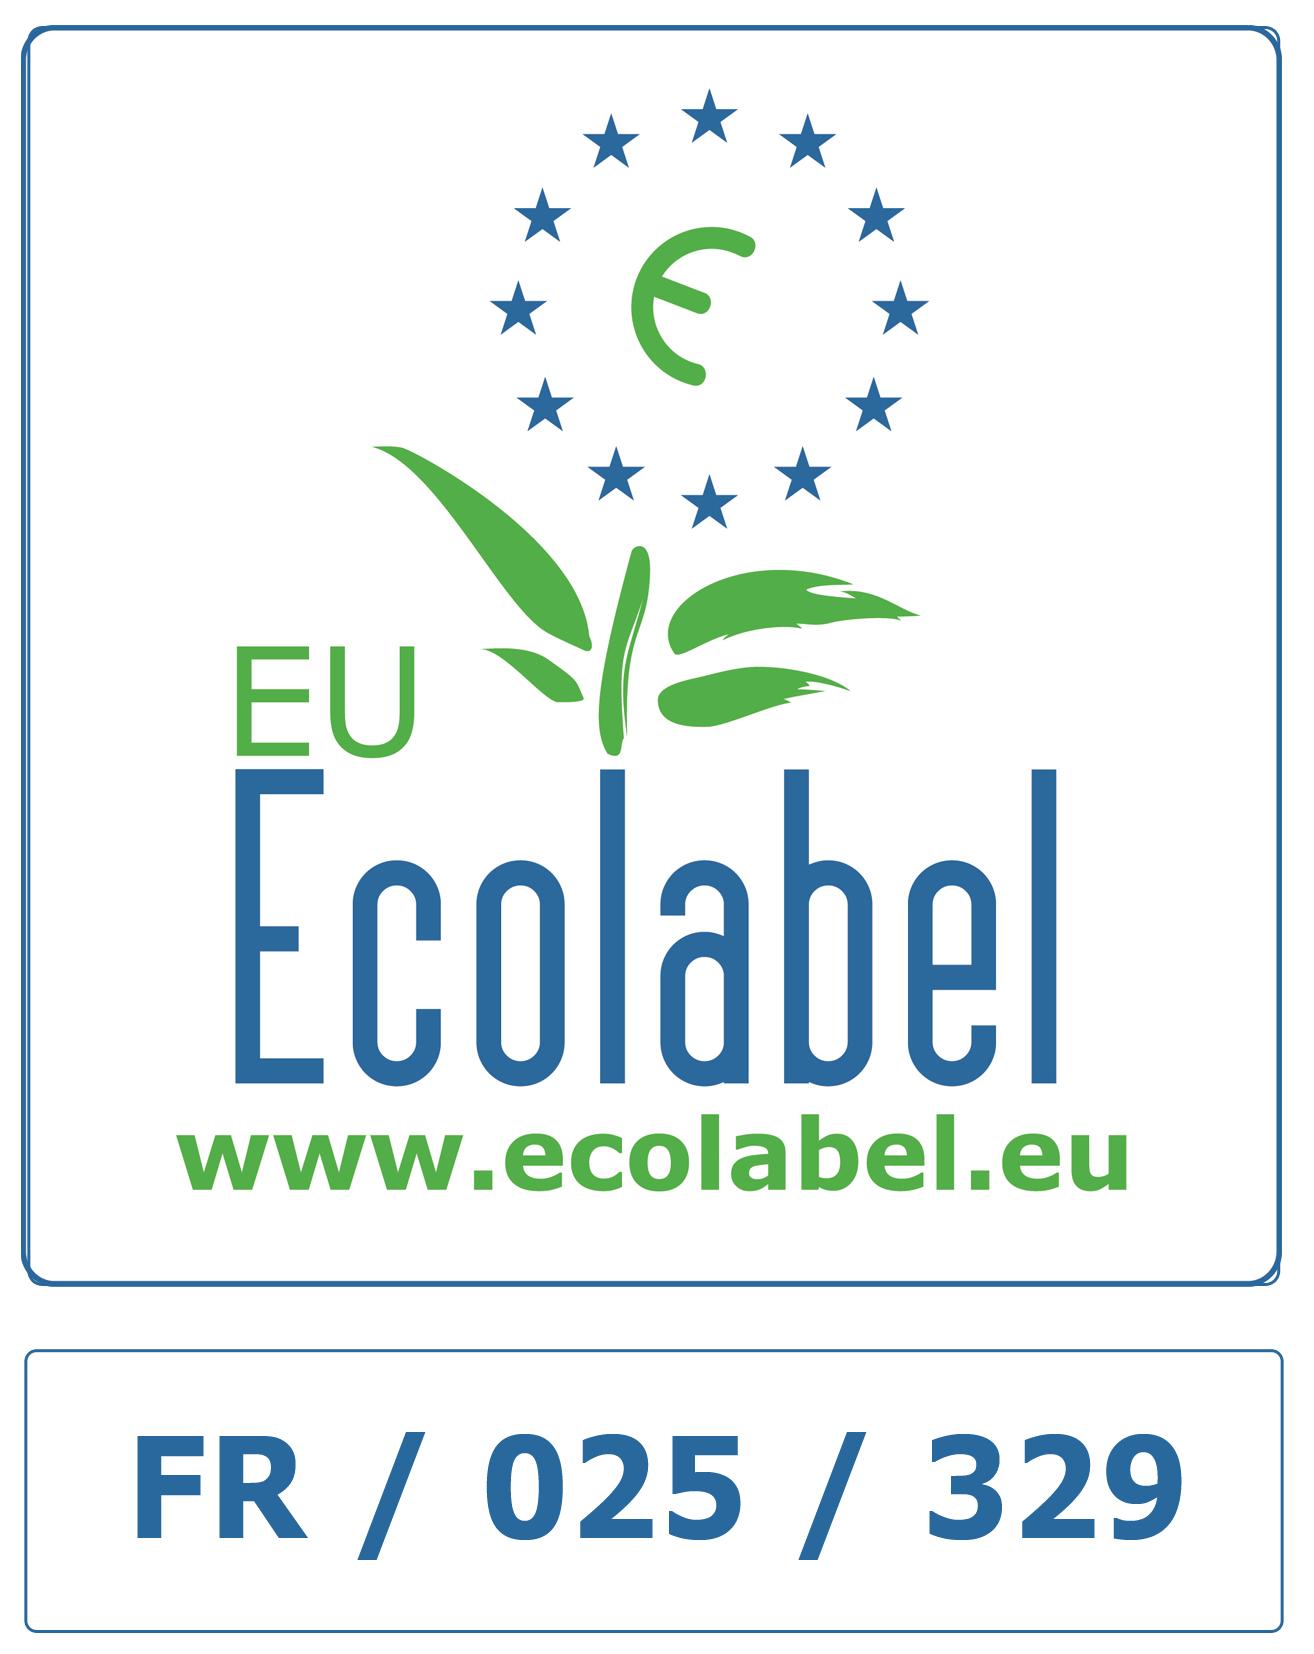 Ecolabel - Auberge des dunes - Rêves de Mer